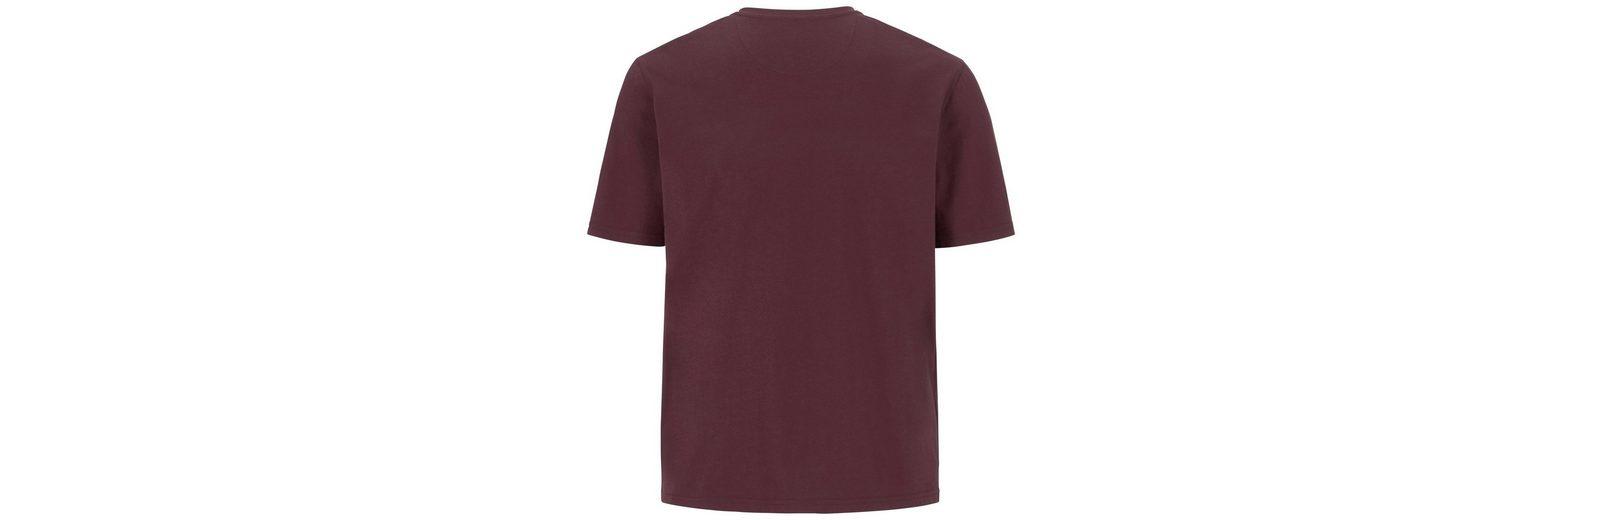 Jan NANTWIN Vanderstorm Shirt V Jan Vanderstorm ZqFZB